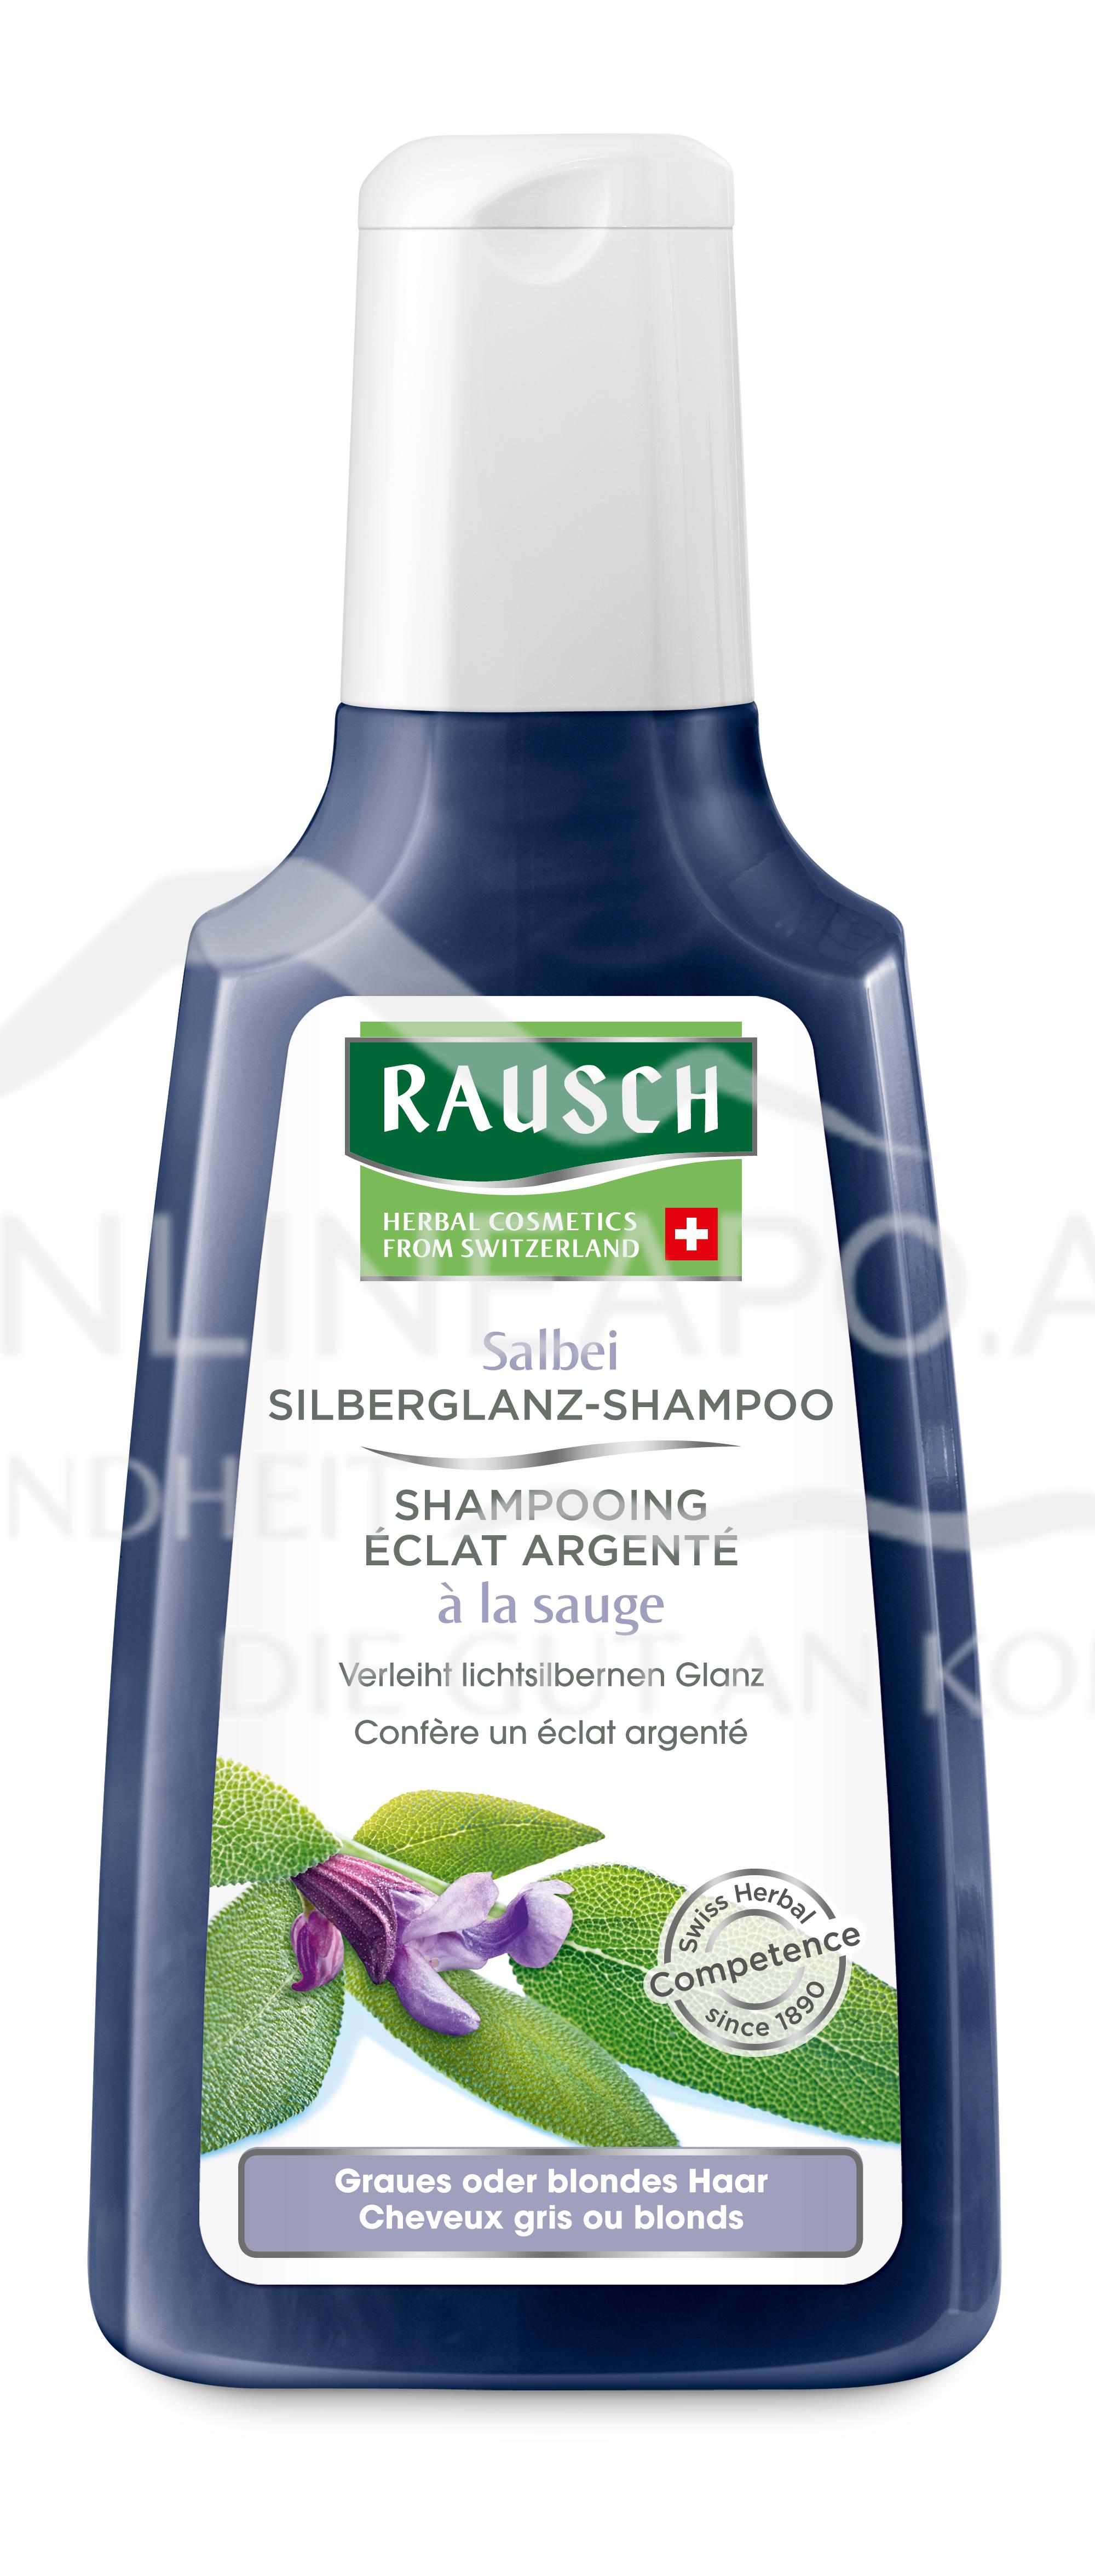 Rausch Salbei Silberglanz-Shampoo